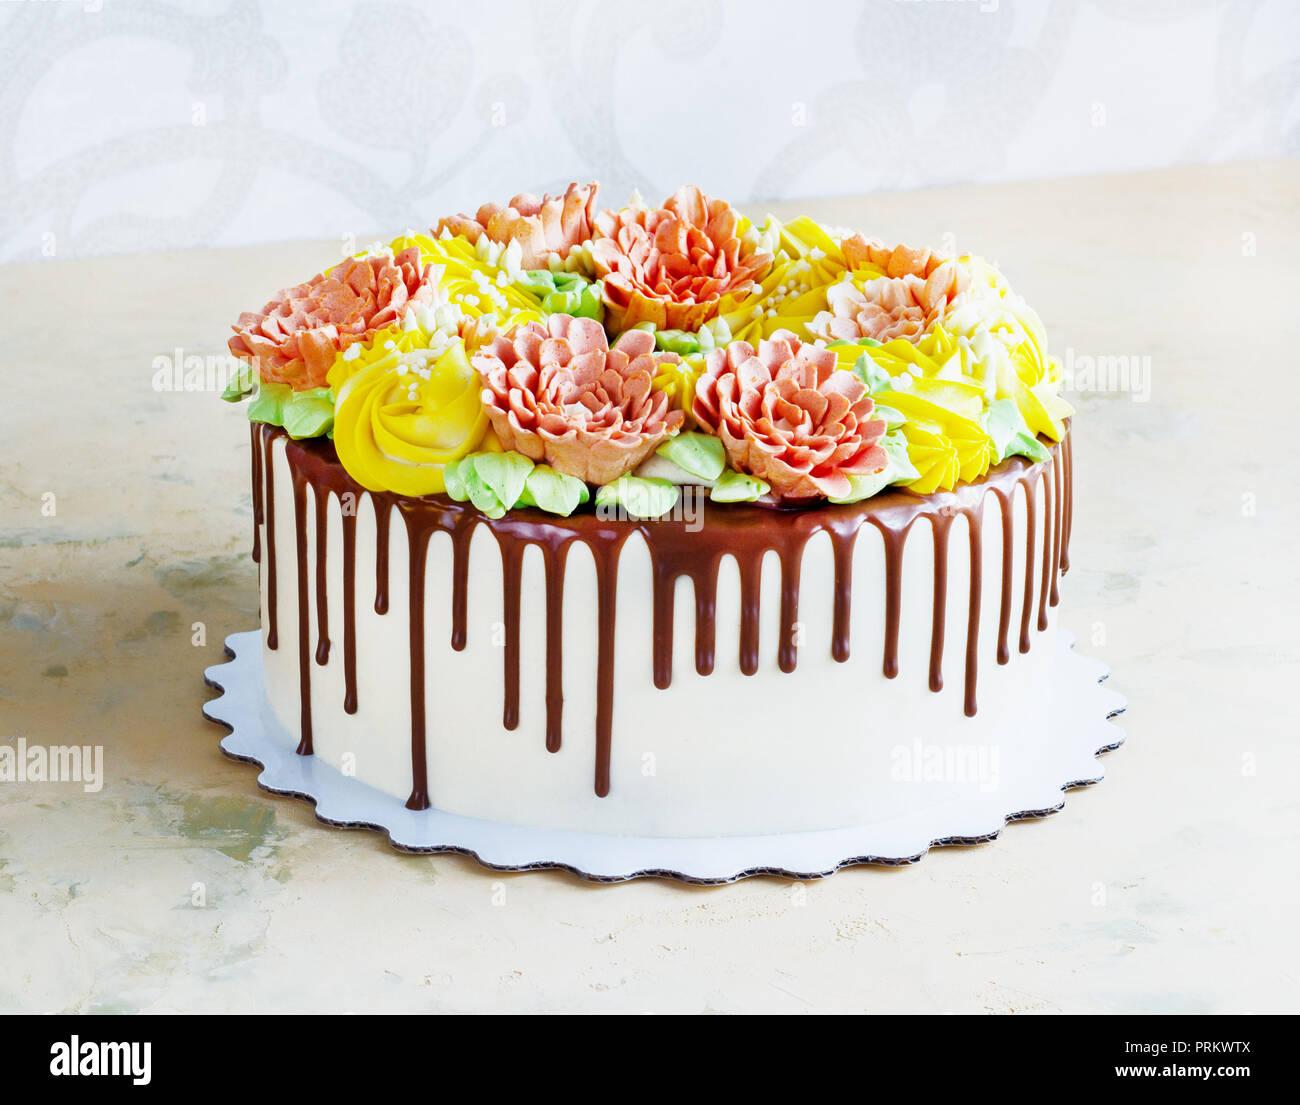 Birthday Cake Rose Flowers Stock Photos Birthday Cake Rose Flowers